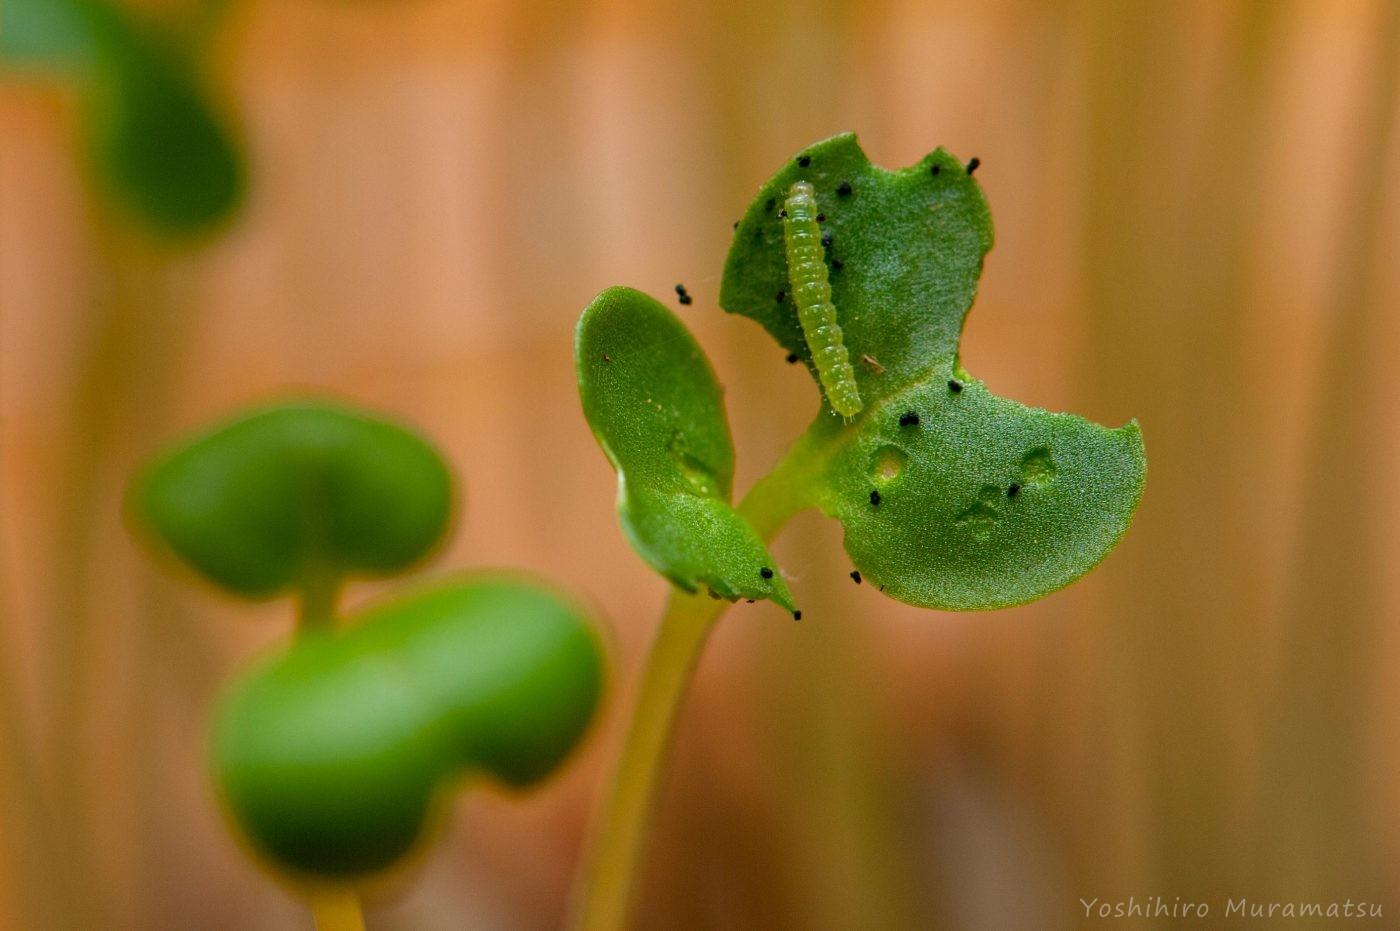 モンシロチョウの幼虫1齢